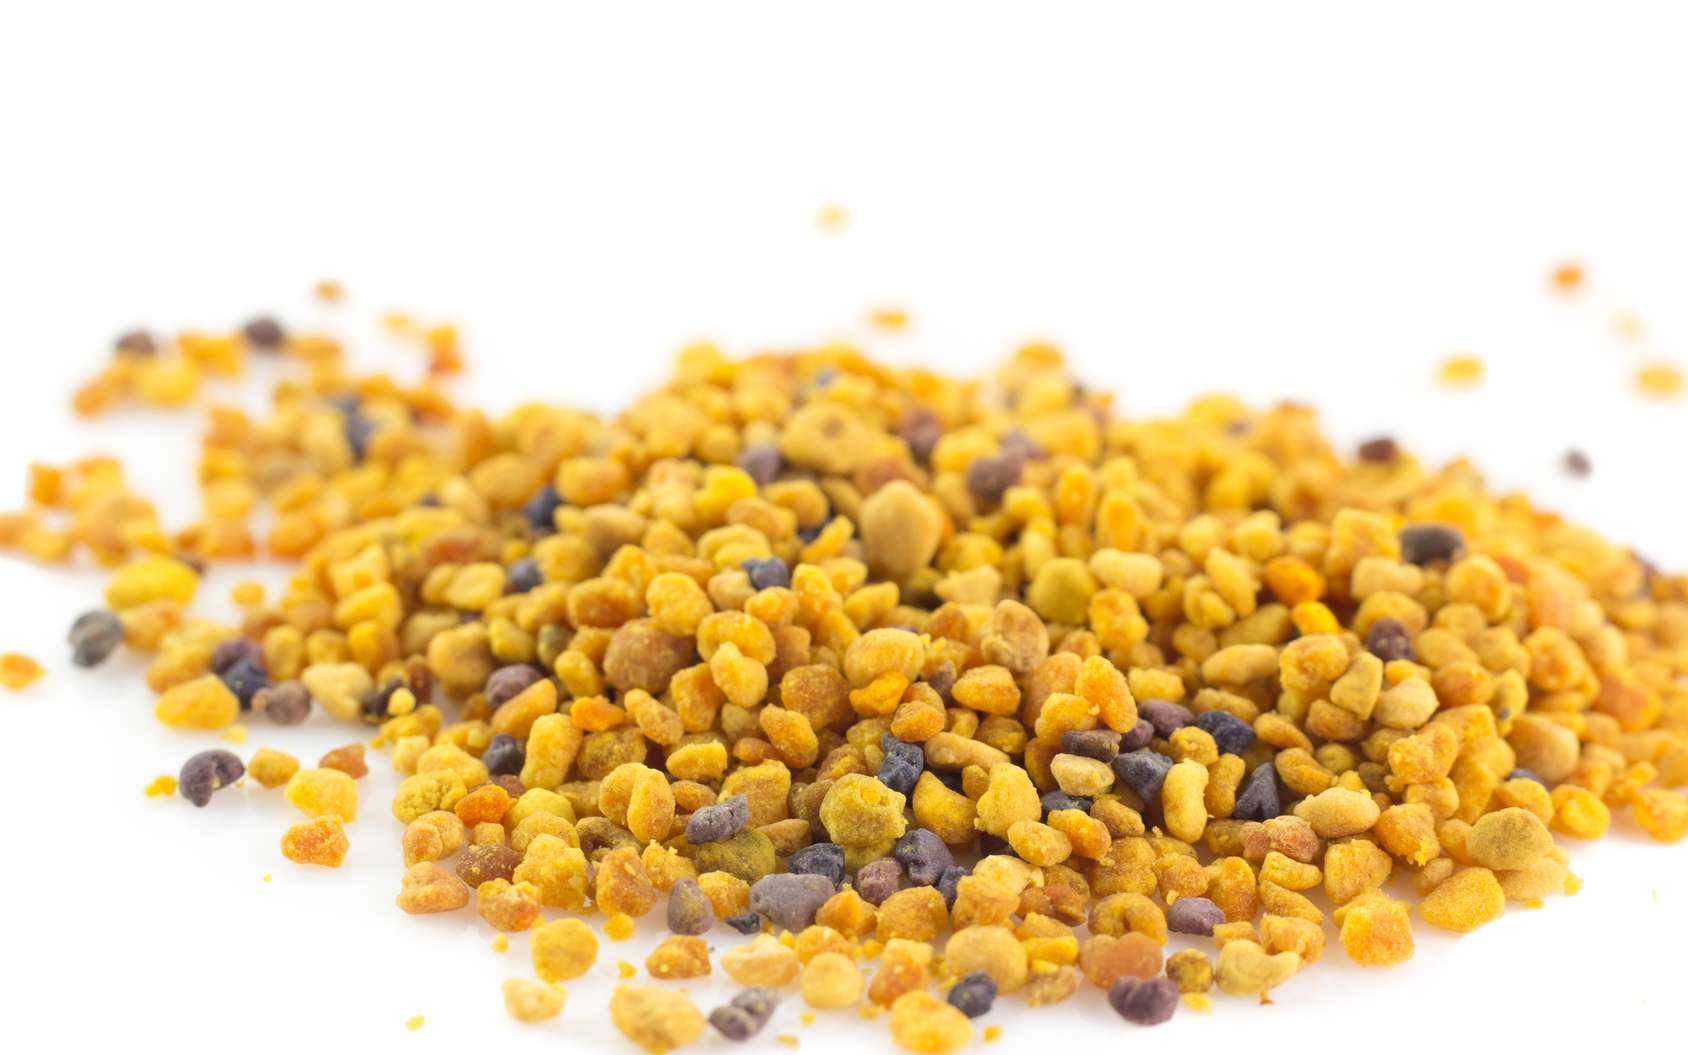 Manger du pollen frais : quelles sont ses vertus nutritionnelles ? © Lunipa, fotolia